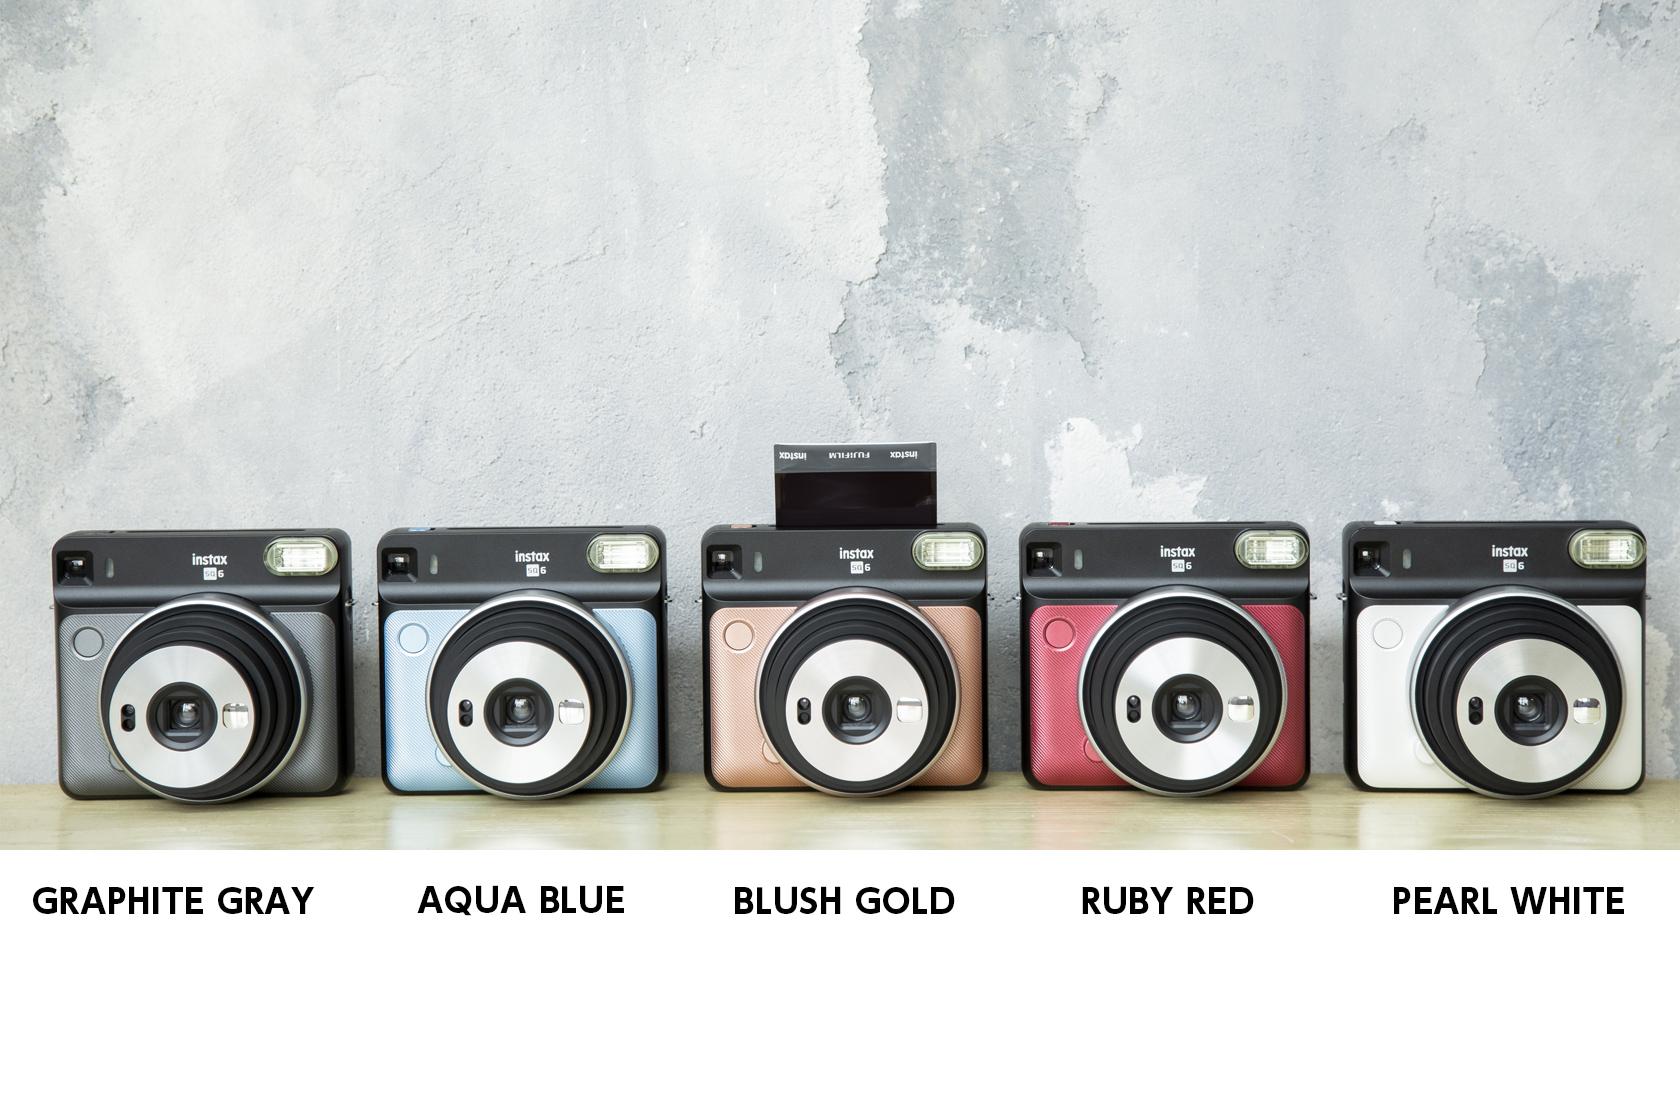 SQUARE SQ6 camera in all five colors